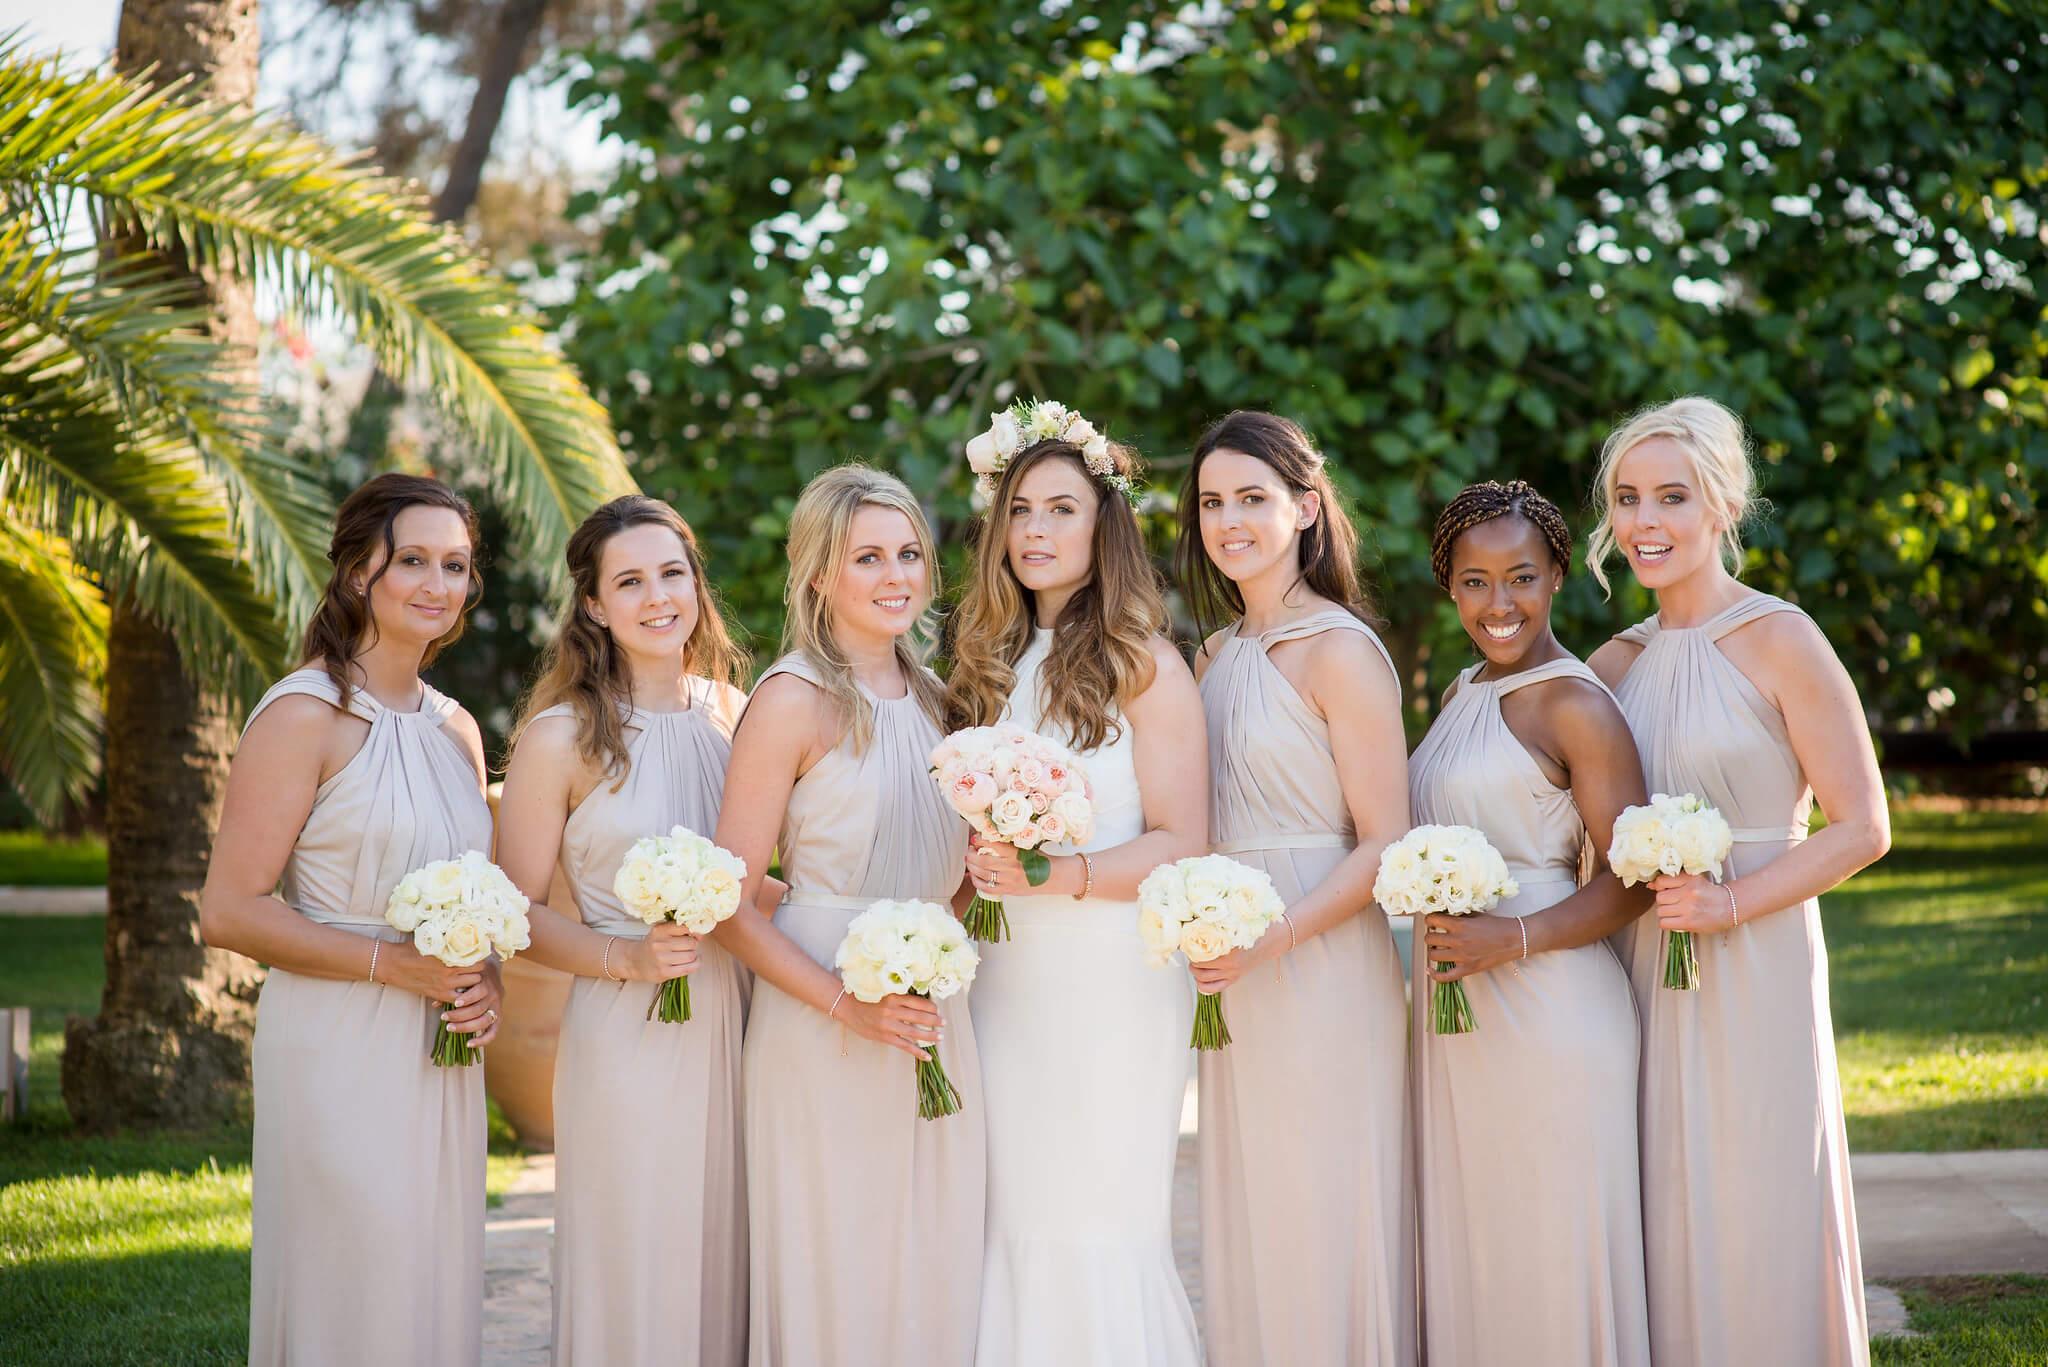 https://www.white-ibiza.com/wp-content/uploads/2020/03/ibiza-wedding-photographer-gypsy-westwood-2020-04.jpg